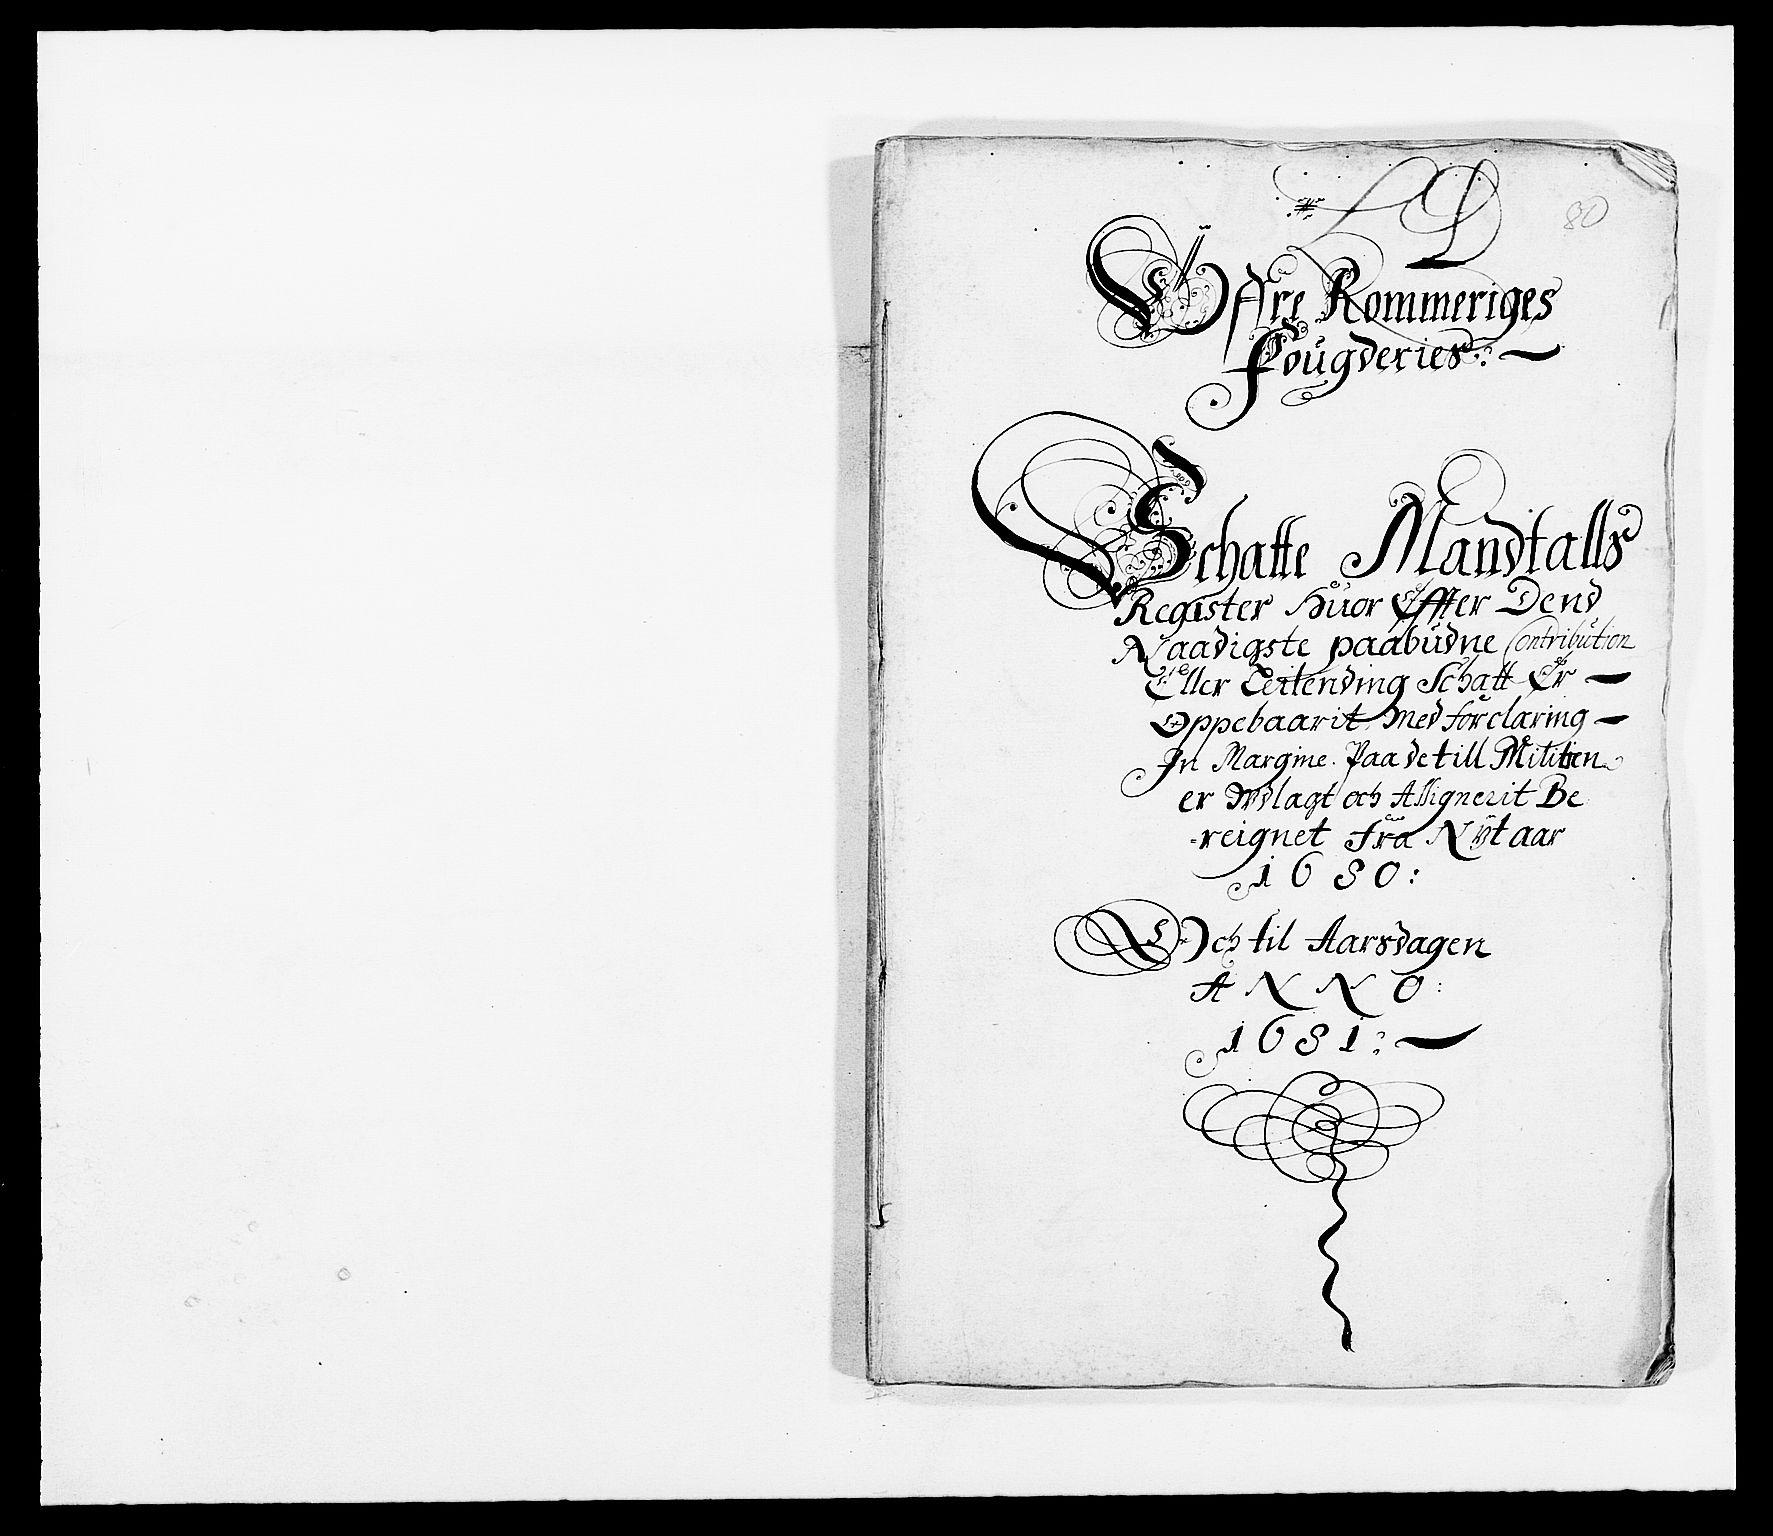 RA, Rentekammeret inntil 1814, Reviderte regnskaper, Fogderegnskap, R12/L0695: Fogderegnskap Øvre Romerike, 1680, s. 135